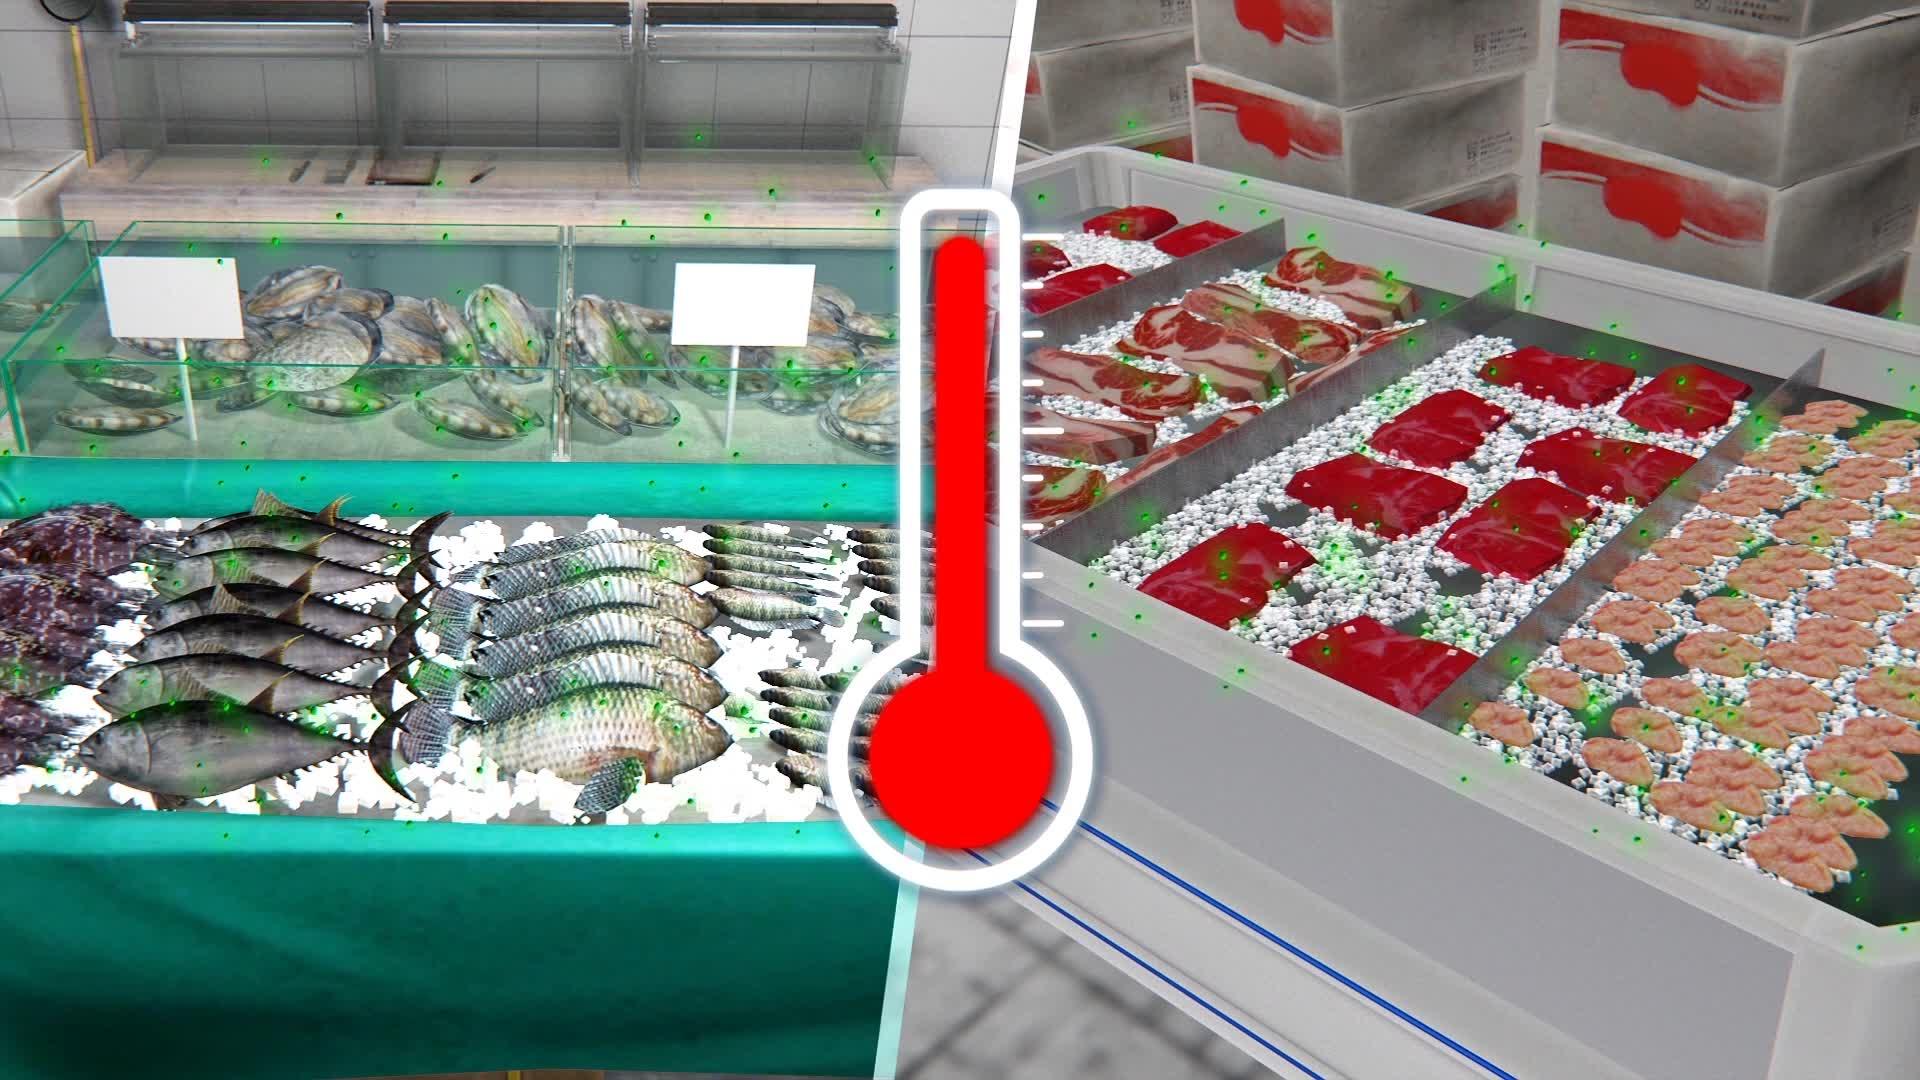 China finds heavy coronavirus contamination at Beijing food market